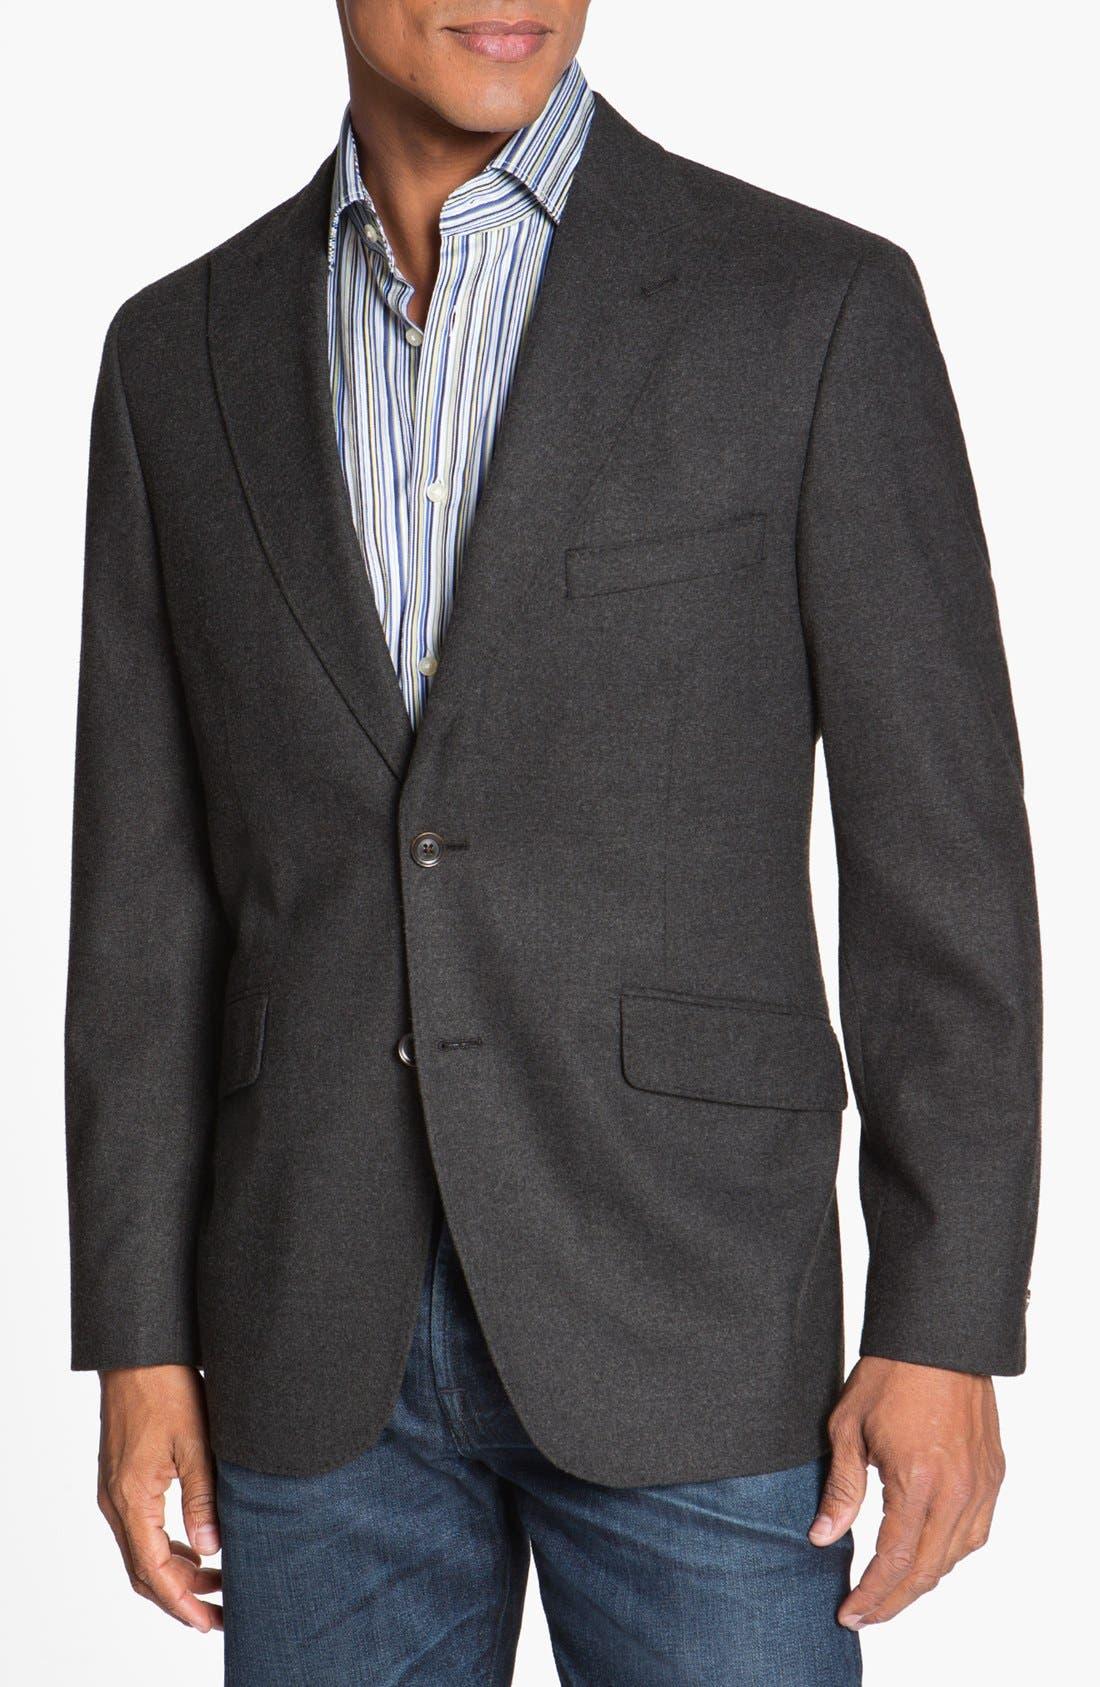 Alternate Image 1 Selected - Kroon 'Cooke' Wool Blend Sportcoat